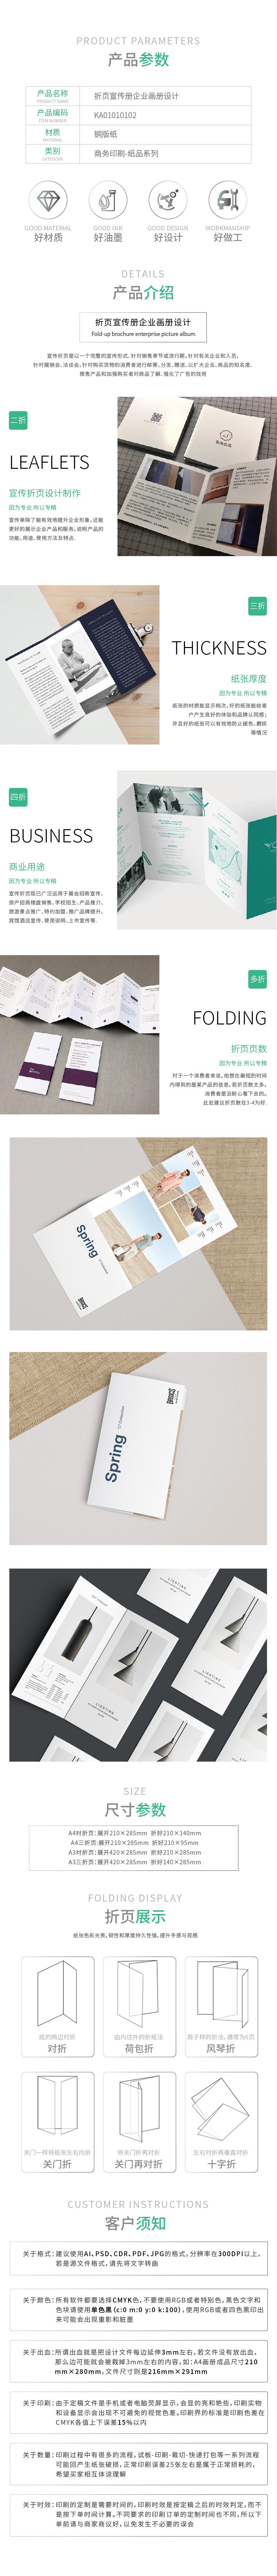 产品详情模板_折页宣传册企业画册设计.jpg